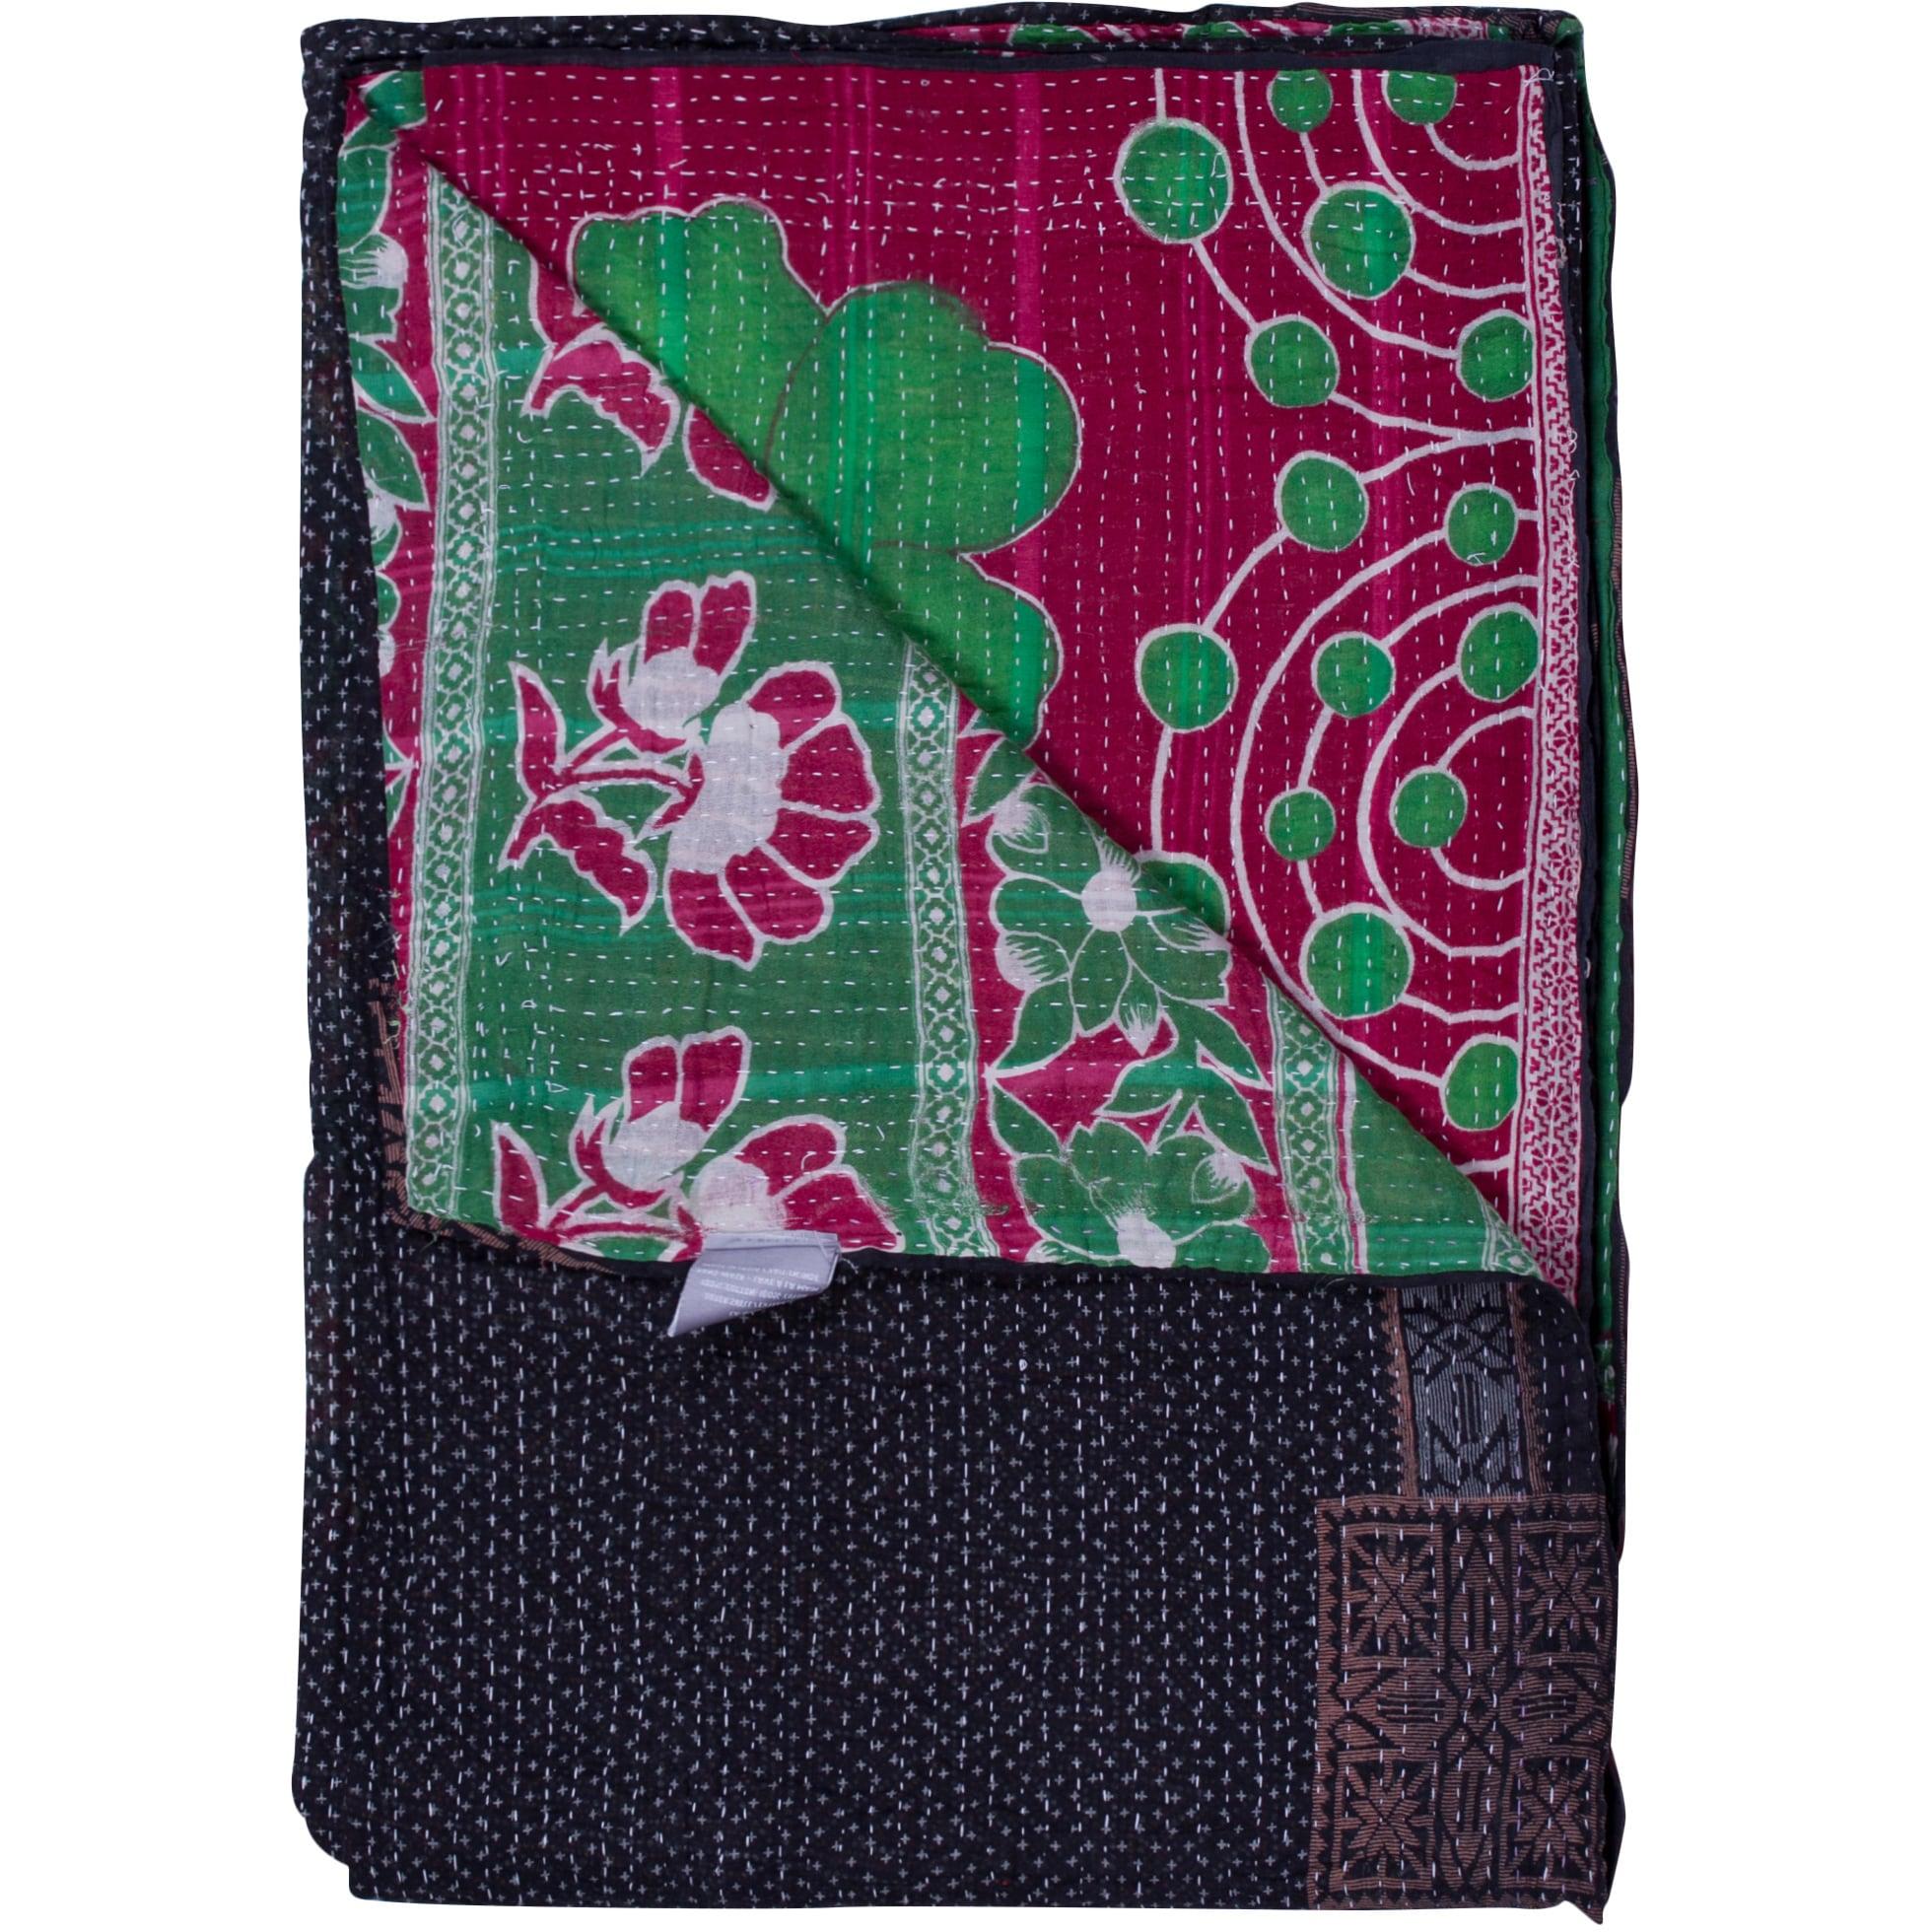 Taj Hotel Vintage Handmade Kantha Navy/ Pink Rectangular Throw Blanket